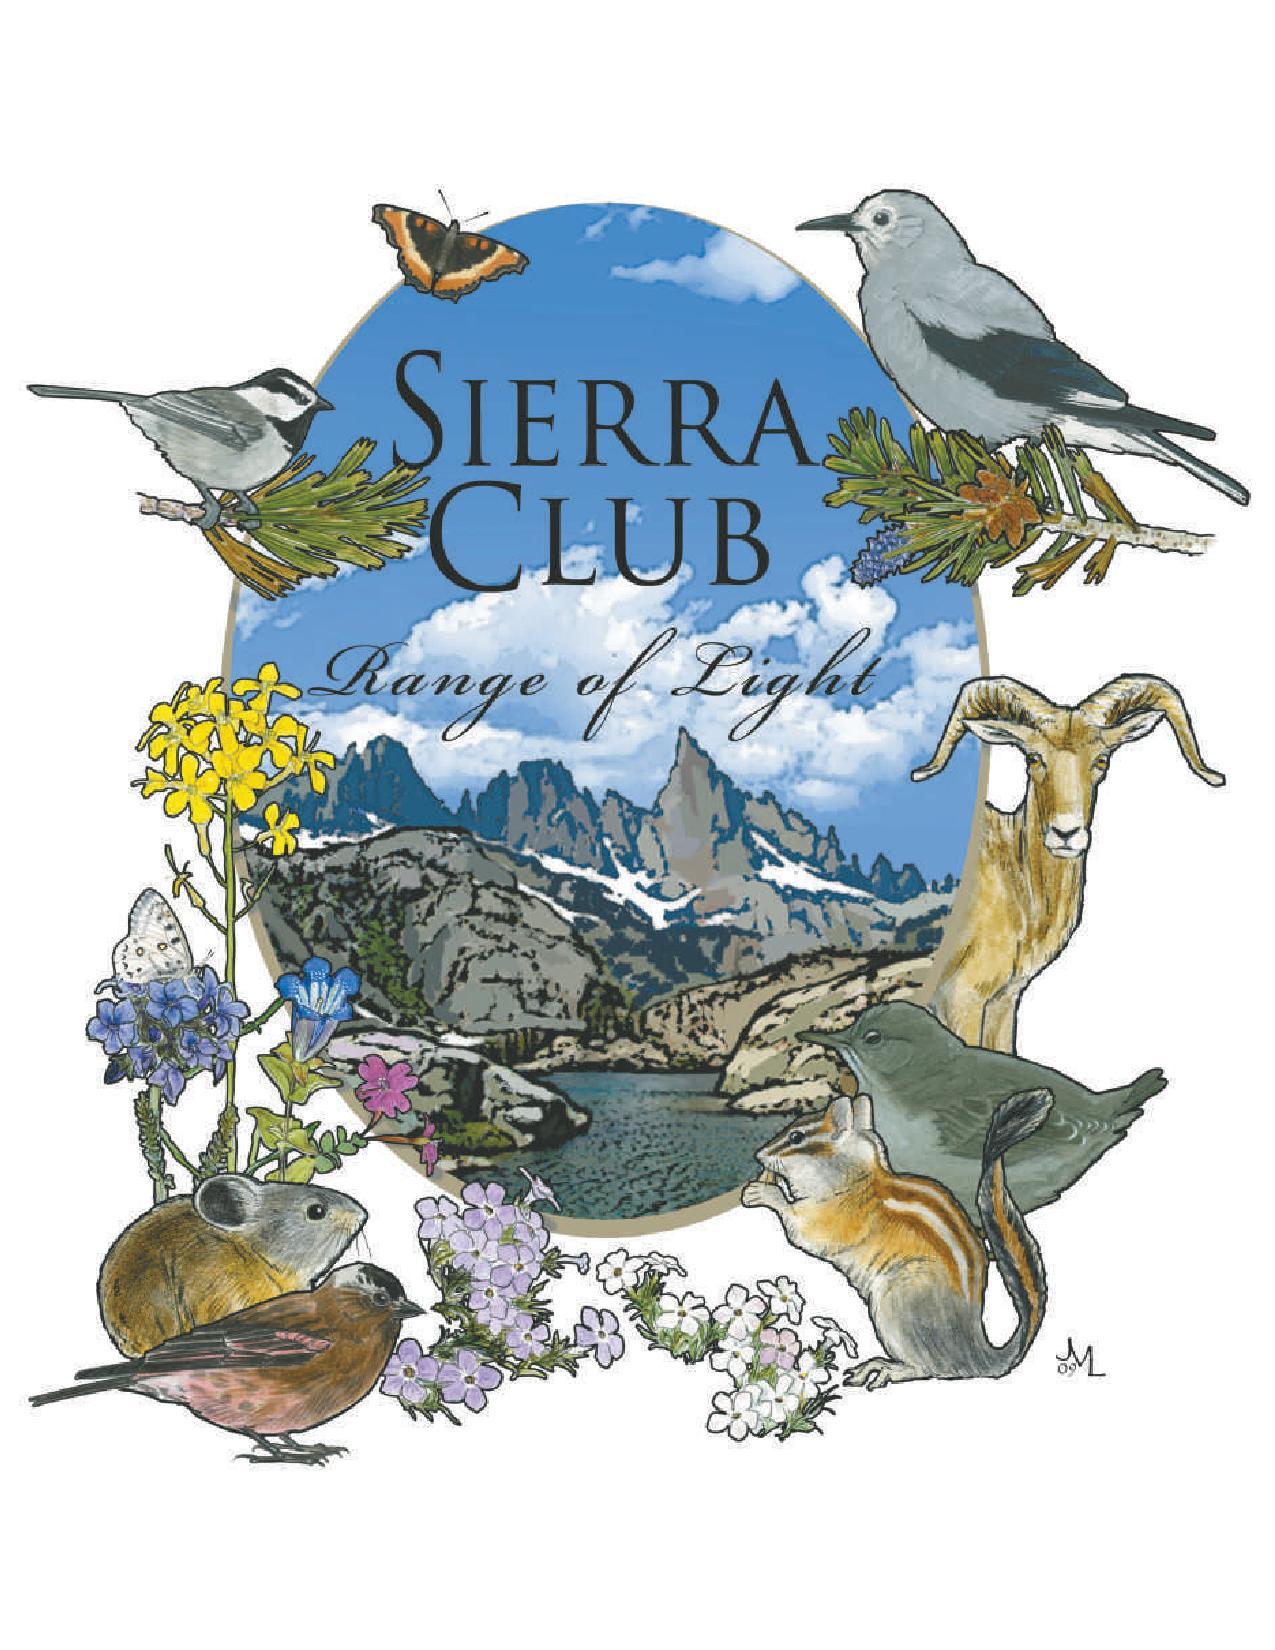 Sierra Club Rarnge of Light logo